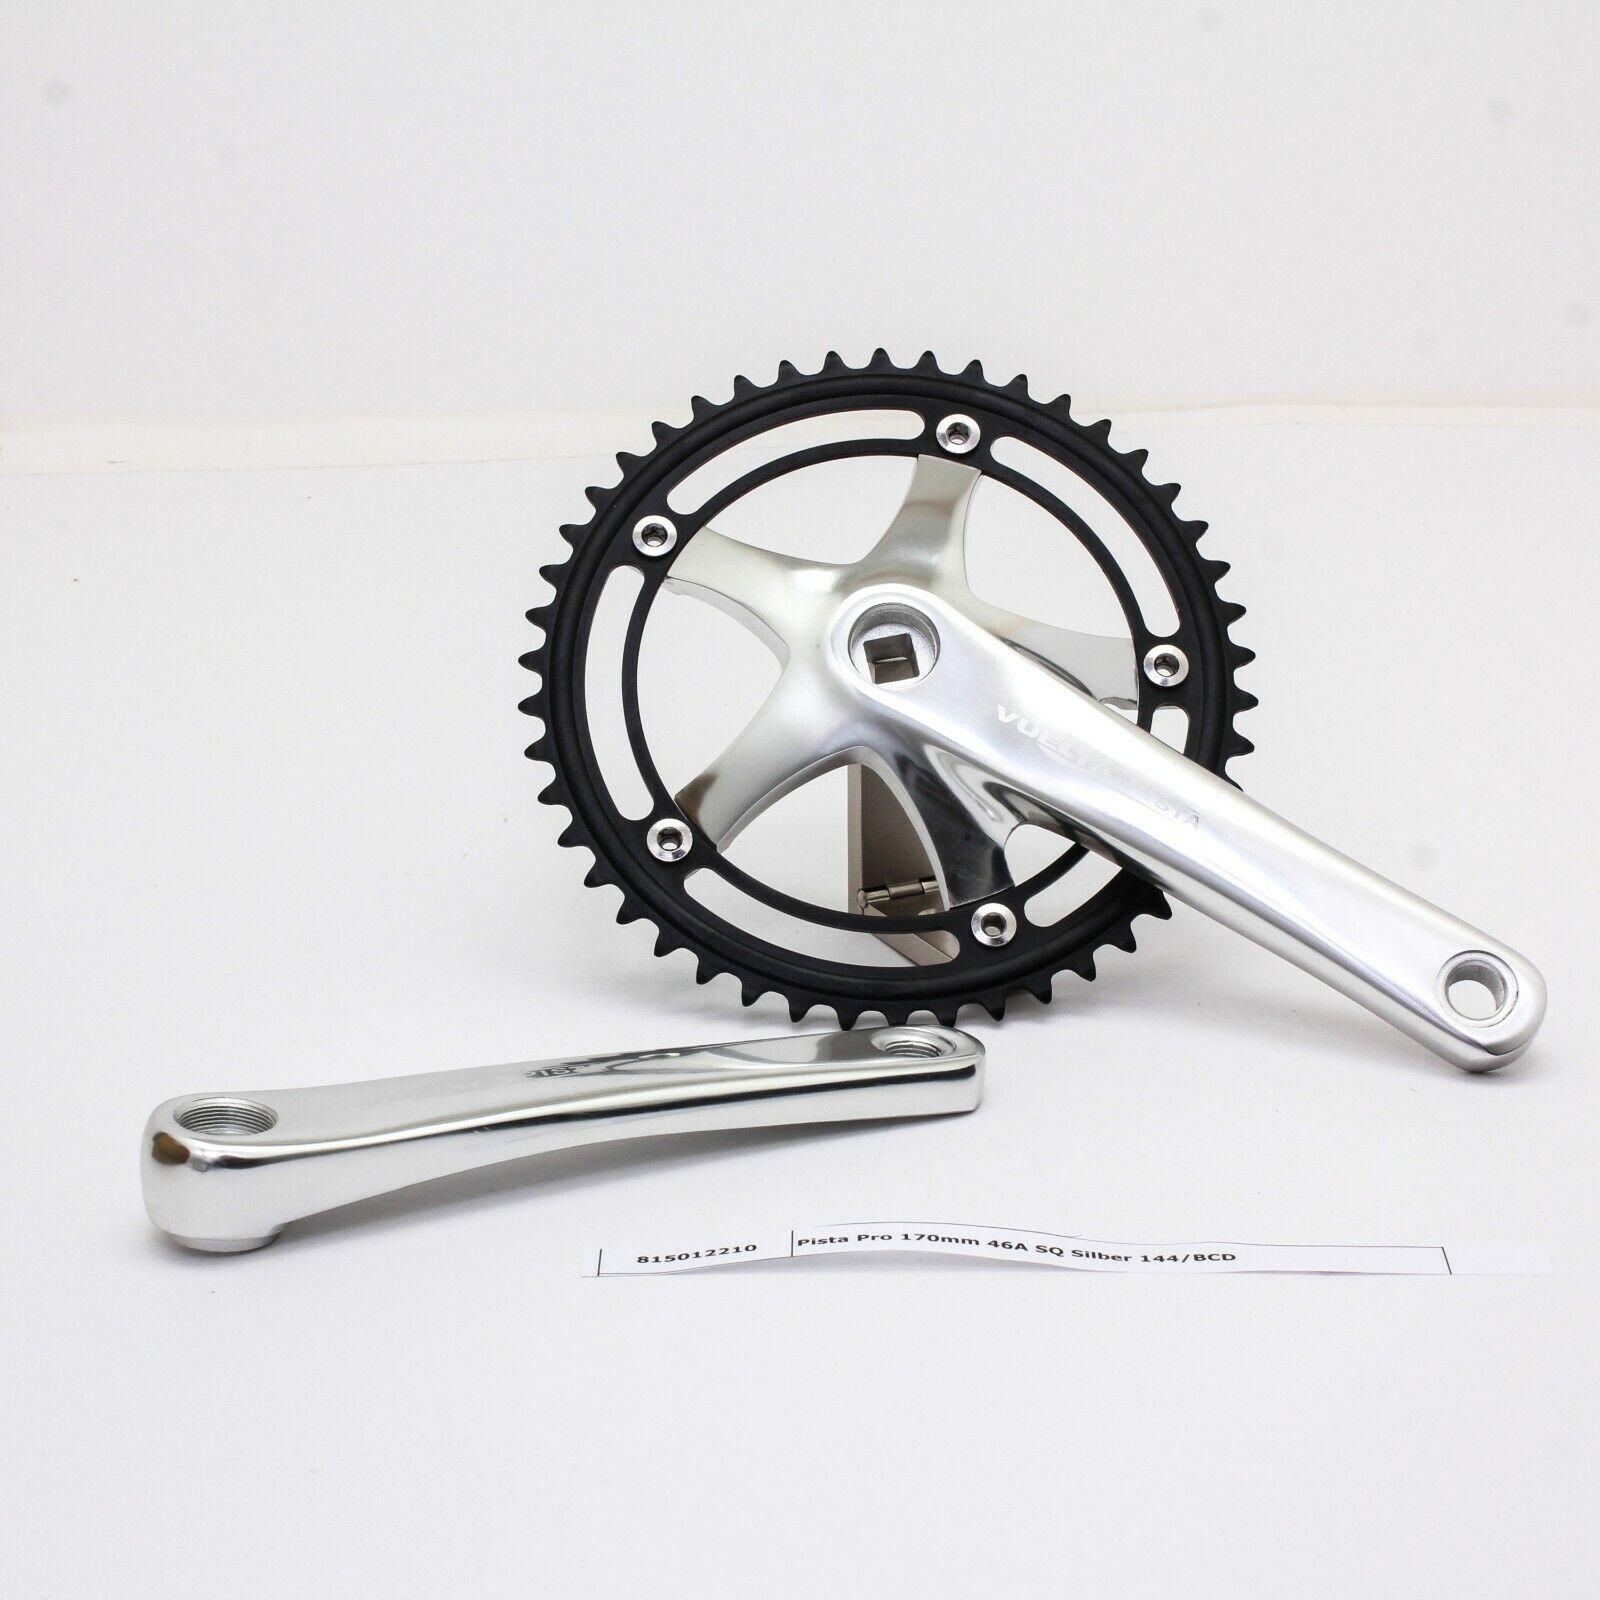 Vuelta Pista Comp Fixed Gear 46T 165mm Black Track Crankset